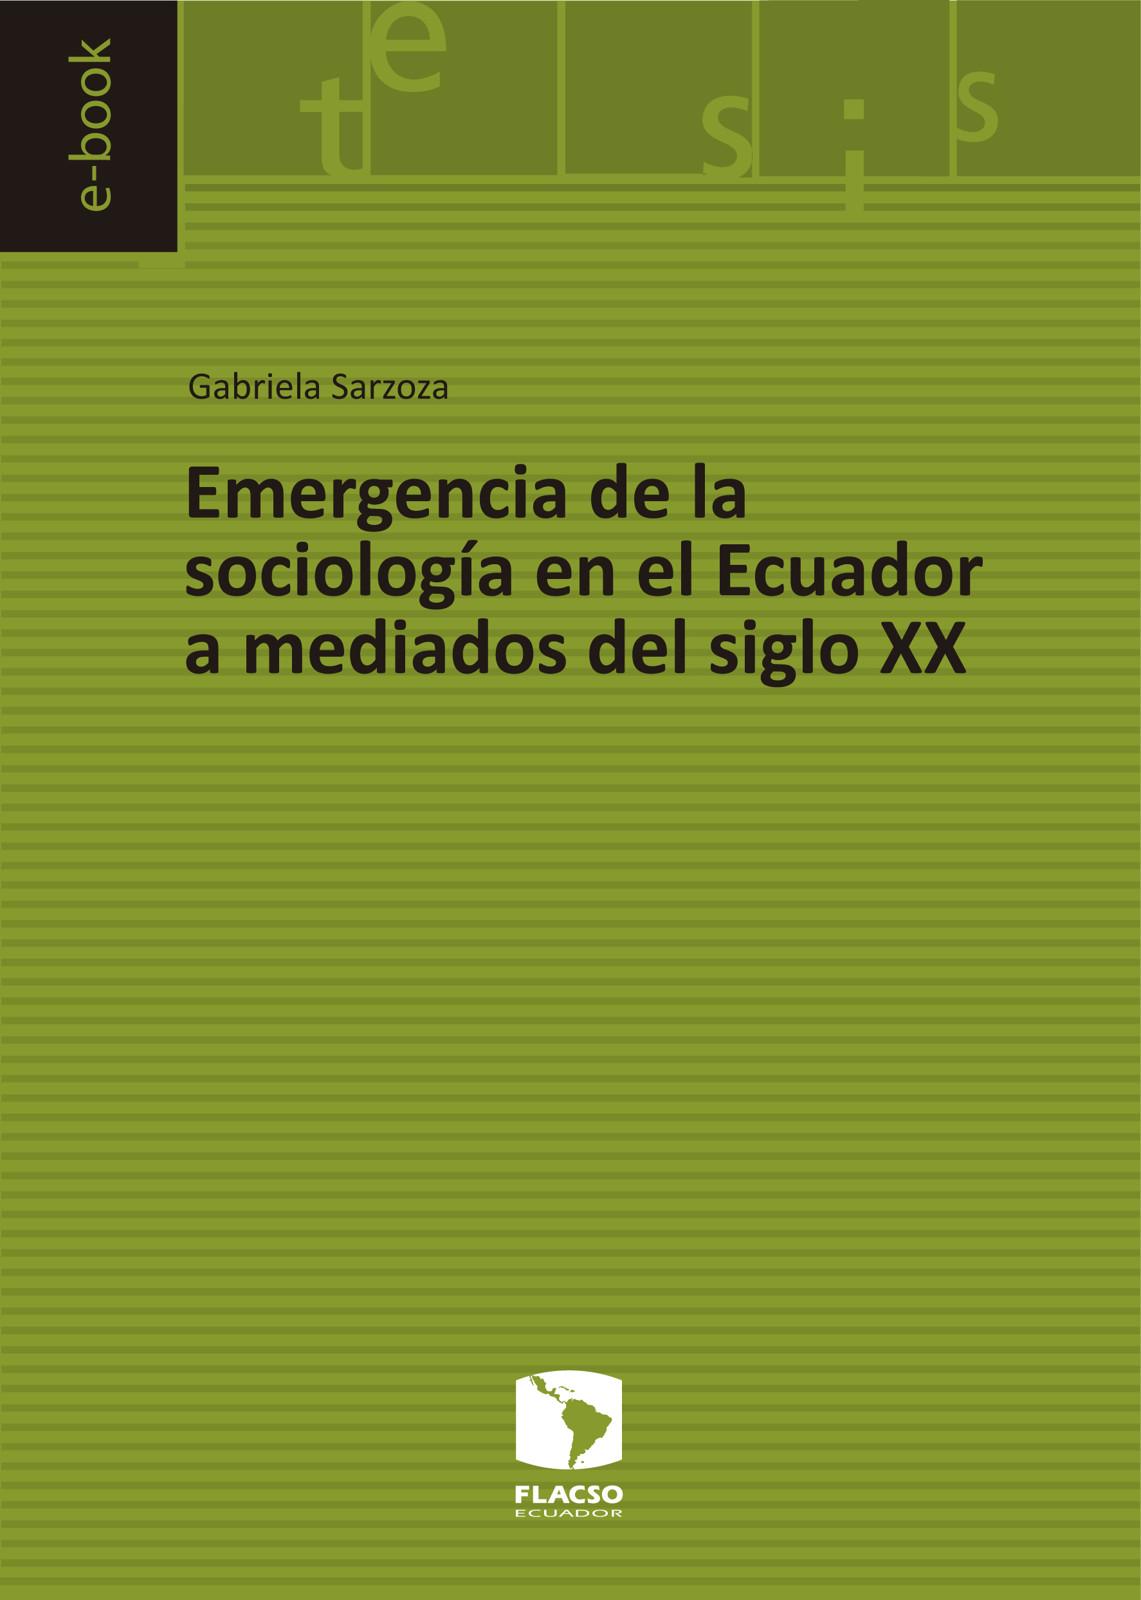 Emergencia de la sociología en el Ecuador a mediados del siglo XX